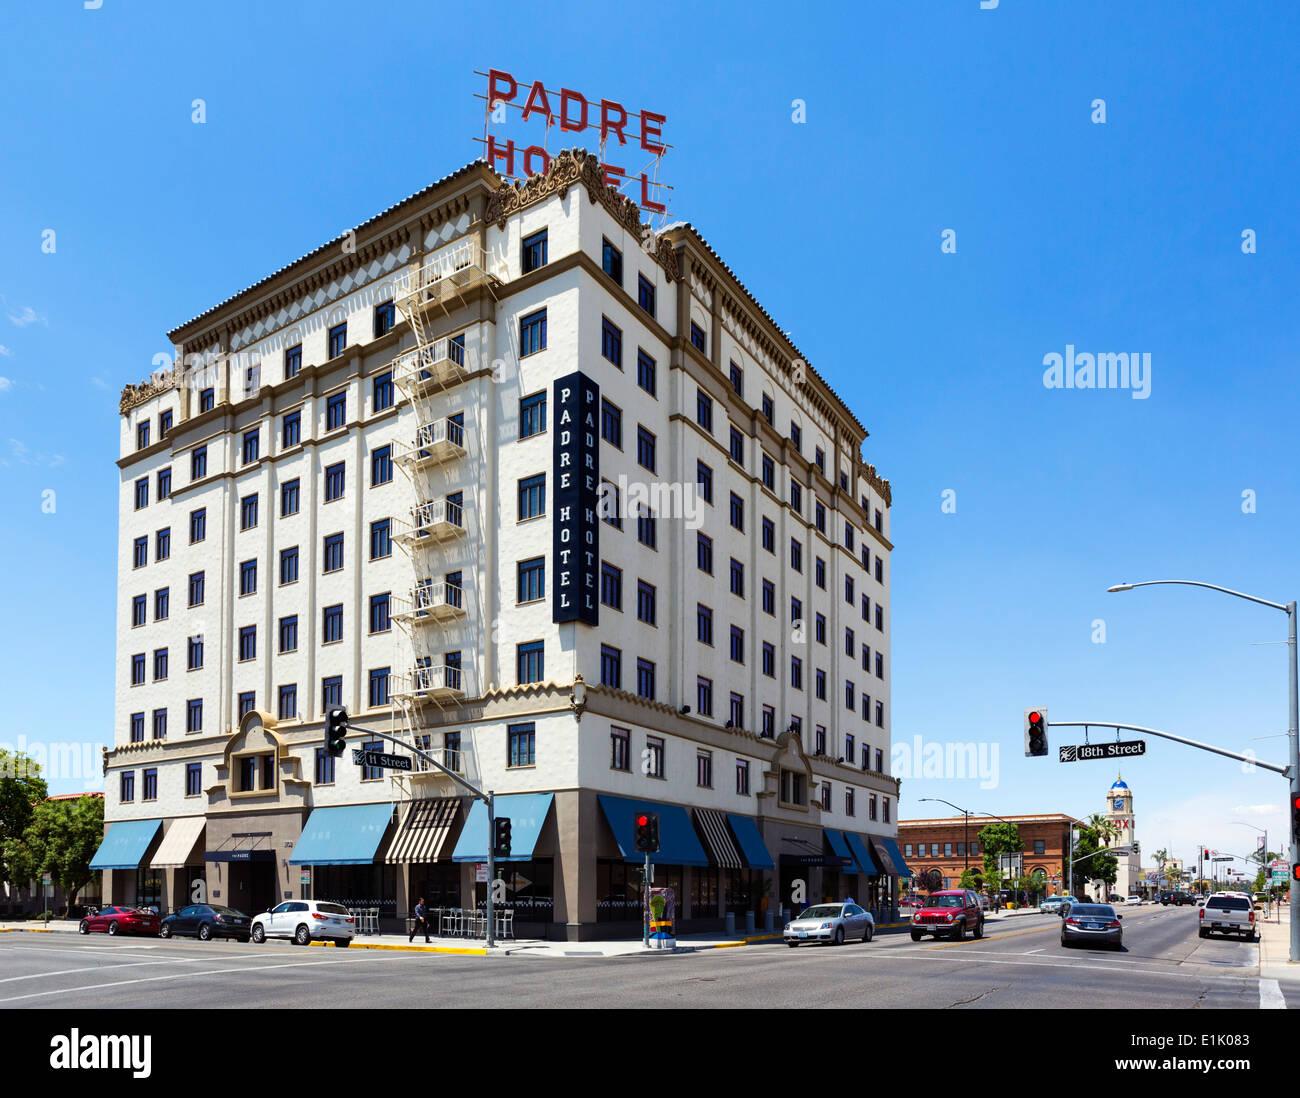 Lo storico Padre Hotel nel centro cittadino di Bakersfield, Kern County, California, Stati Uniti d'America Immagini Stock